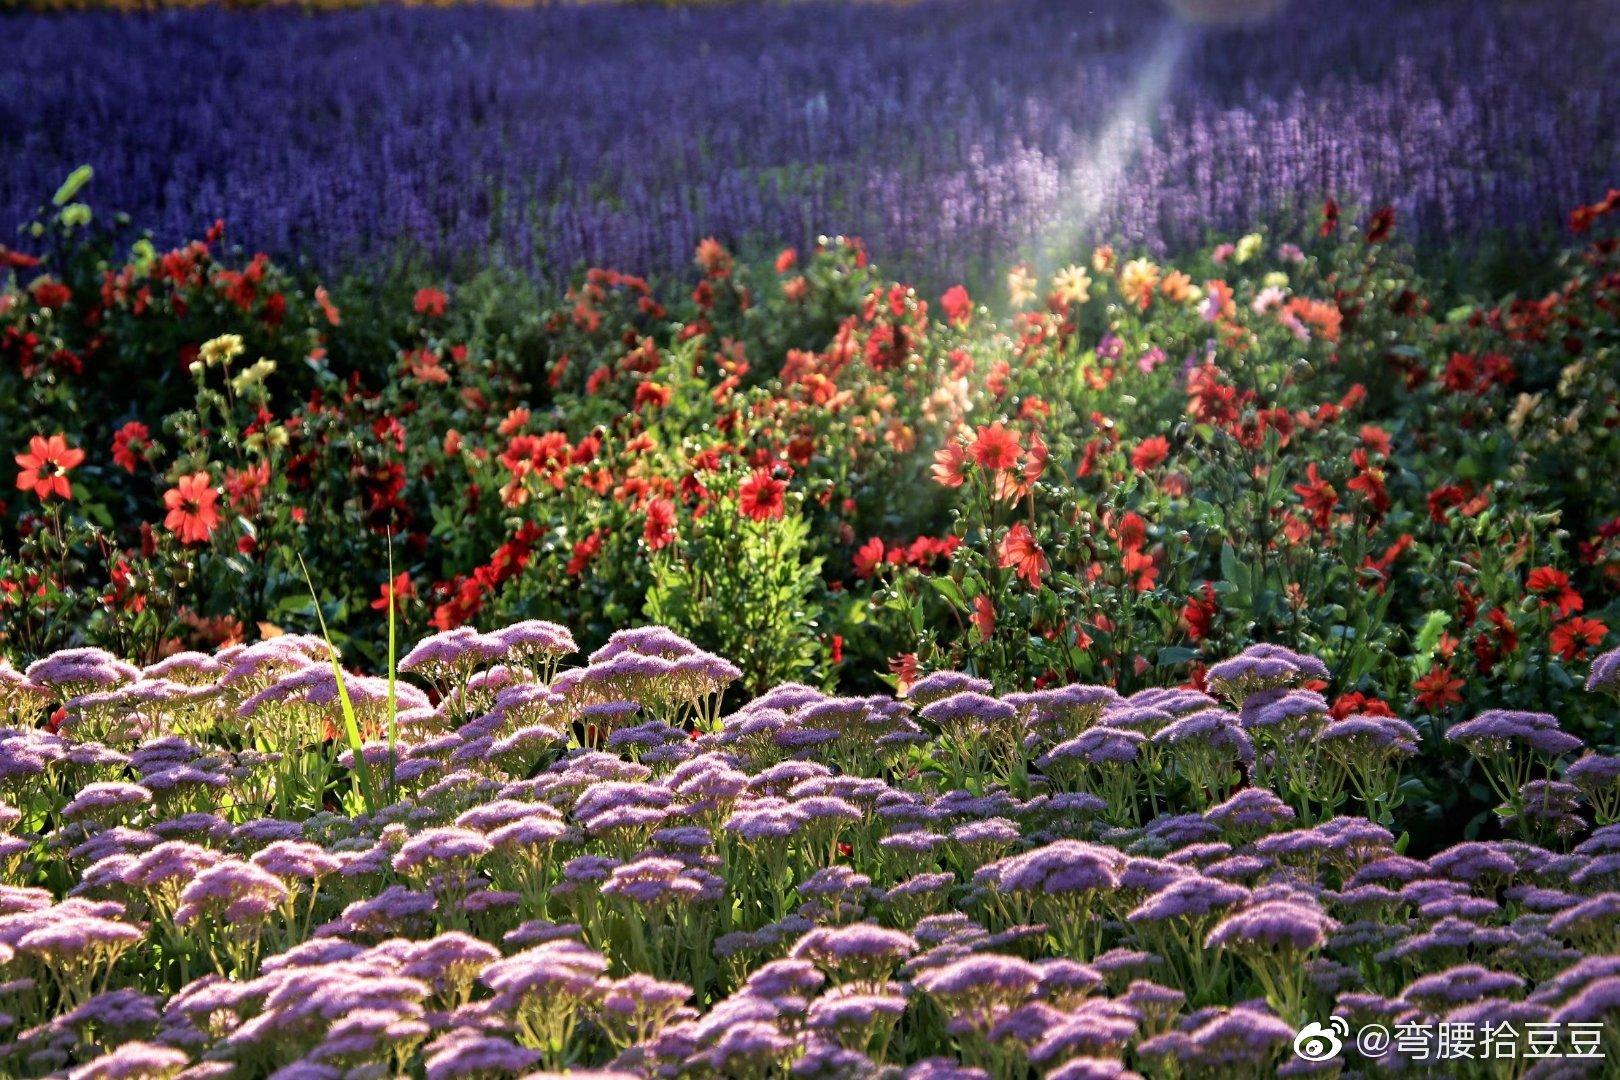 世上最美丽的是你们 这些安静的开在草原上的花 她们用笑脸歌唱阳光